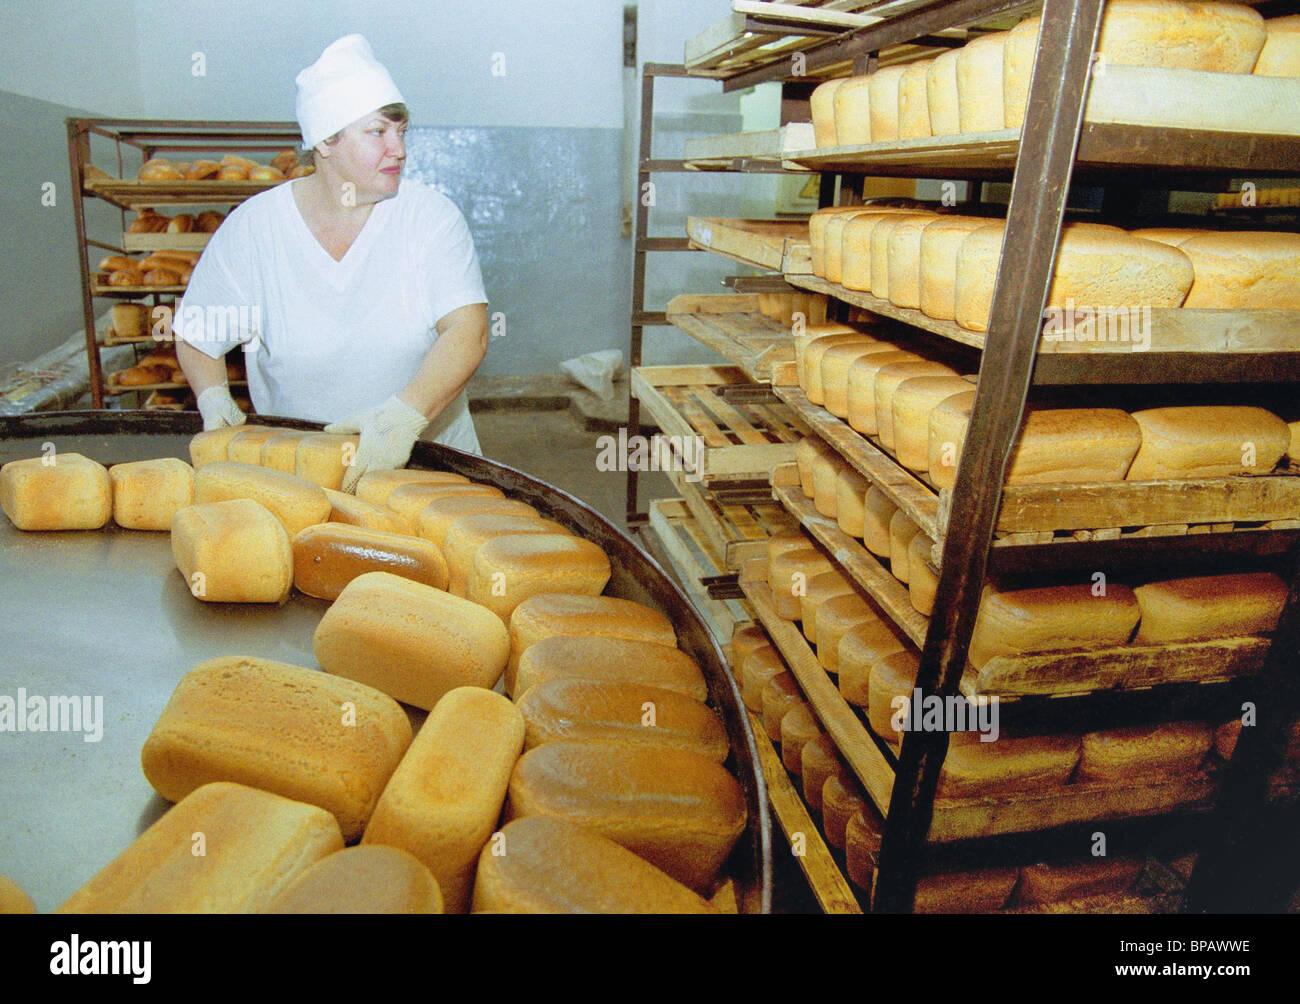 Aumento en el precio del pan se hizo evidente en muchas regiones de Rusia Imagen De Stock